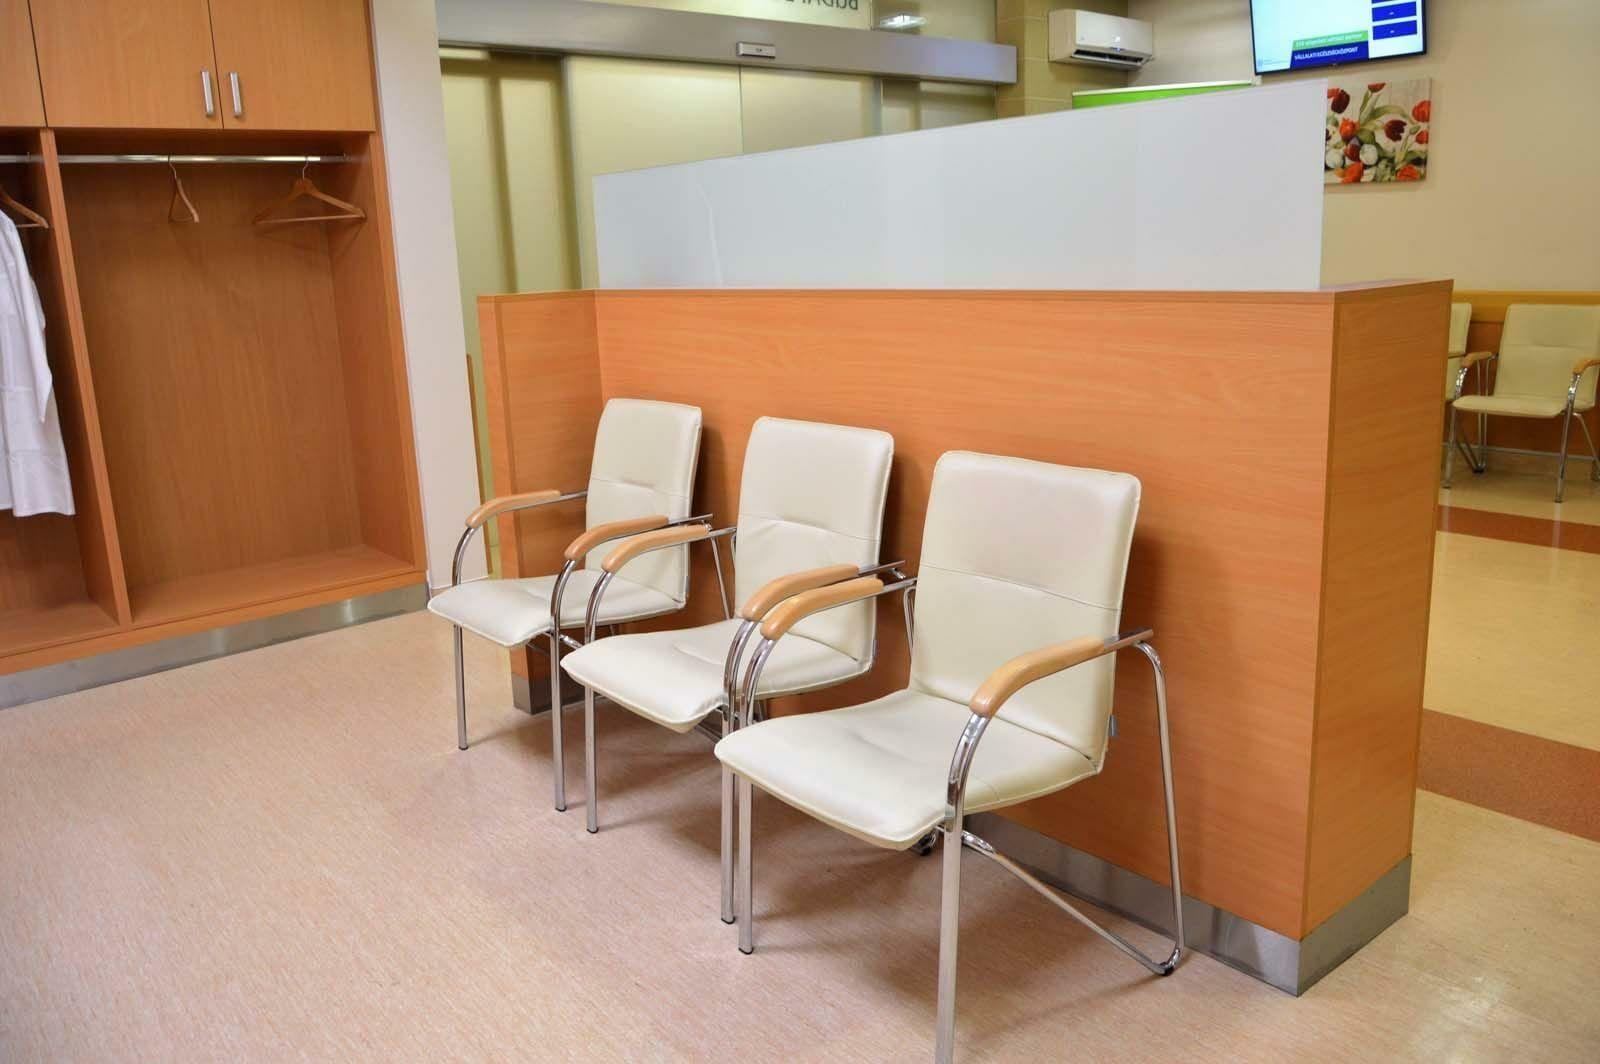 Egyedi várótermi beépített szekrény készítés és térelválasztó bútor gyártás üveg betéttel